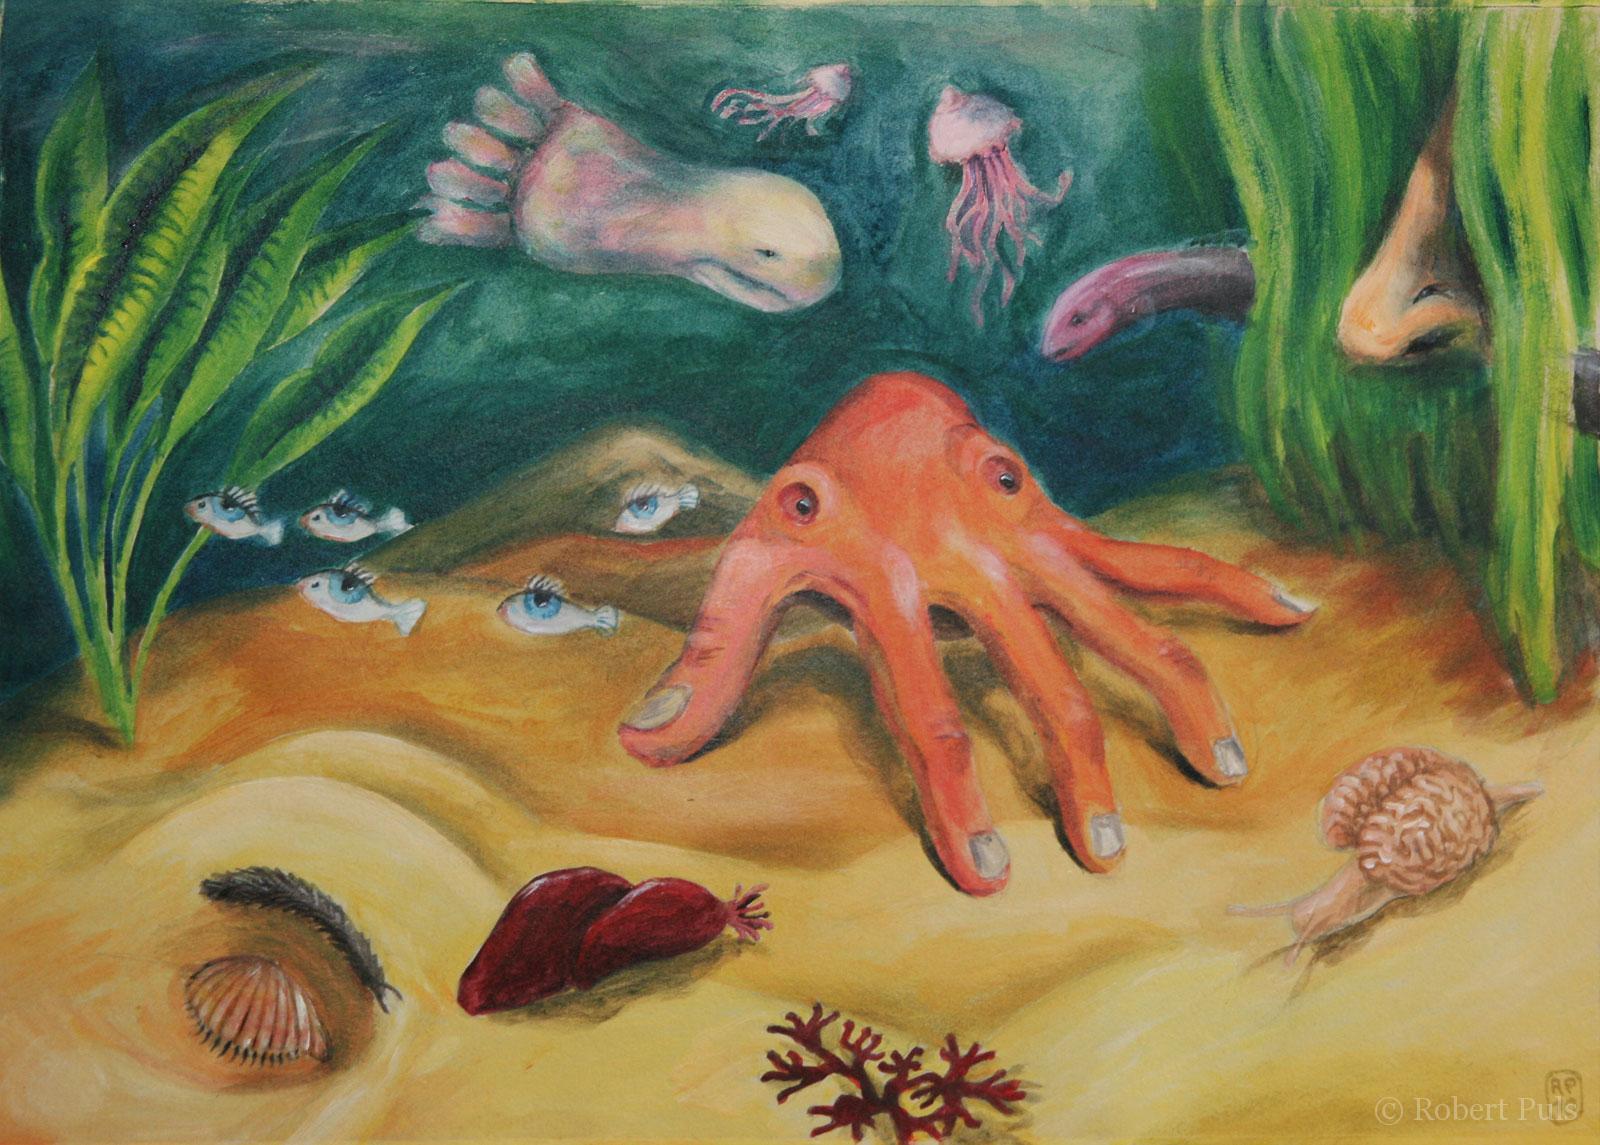 Menschliches III Surreale Malerei Unter Wasser